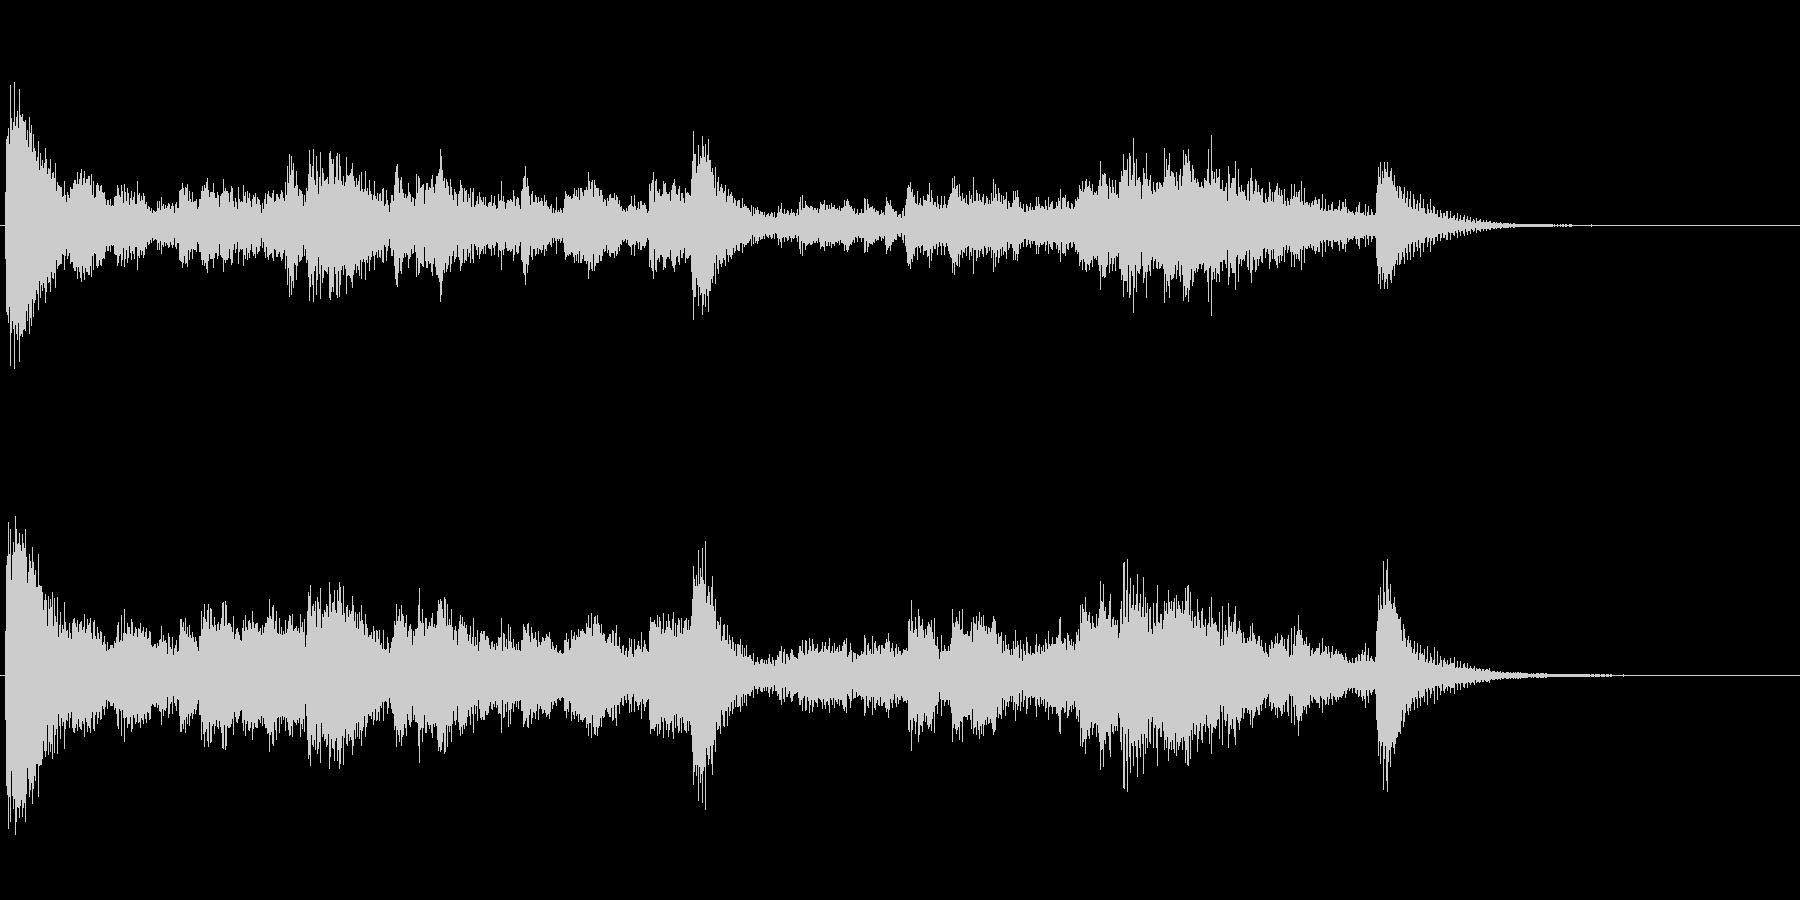 金属音のリズム刻み系アイキャッチ音の未再生の波形